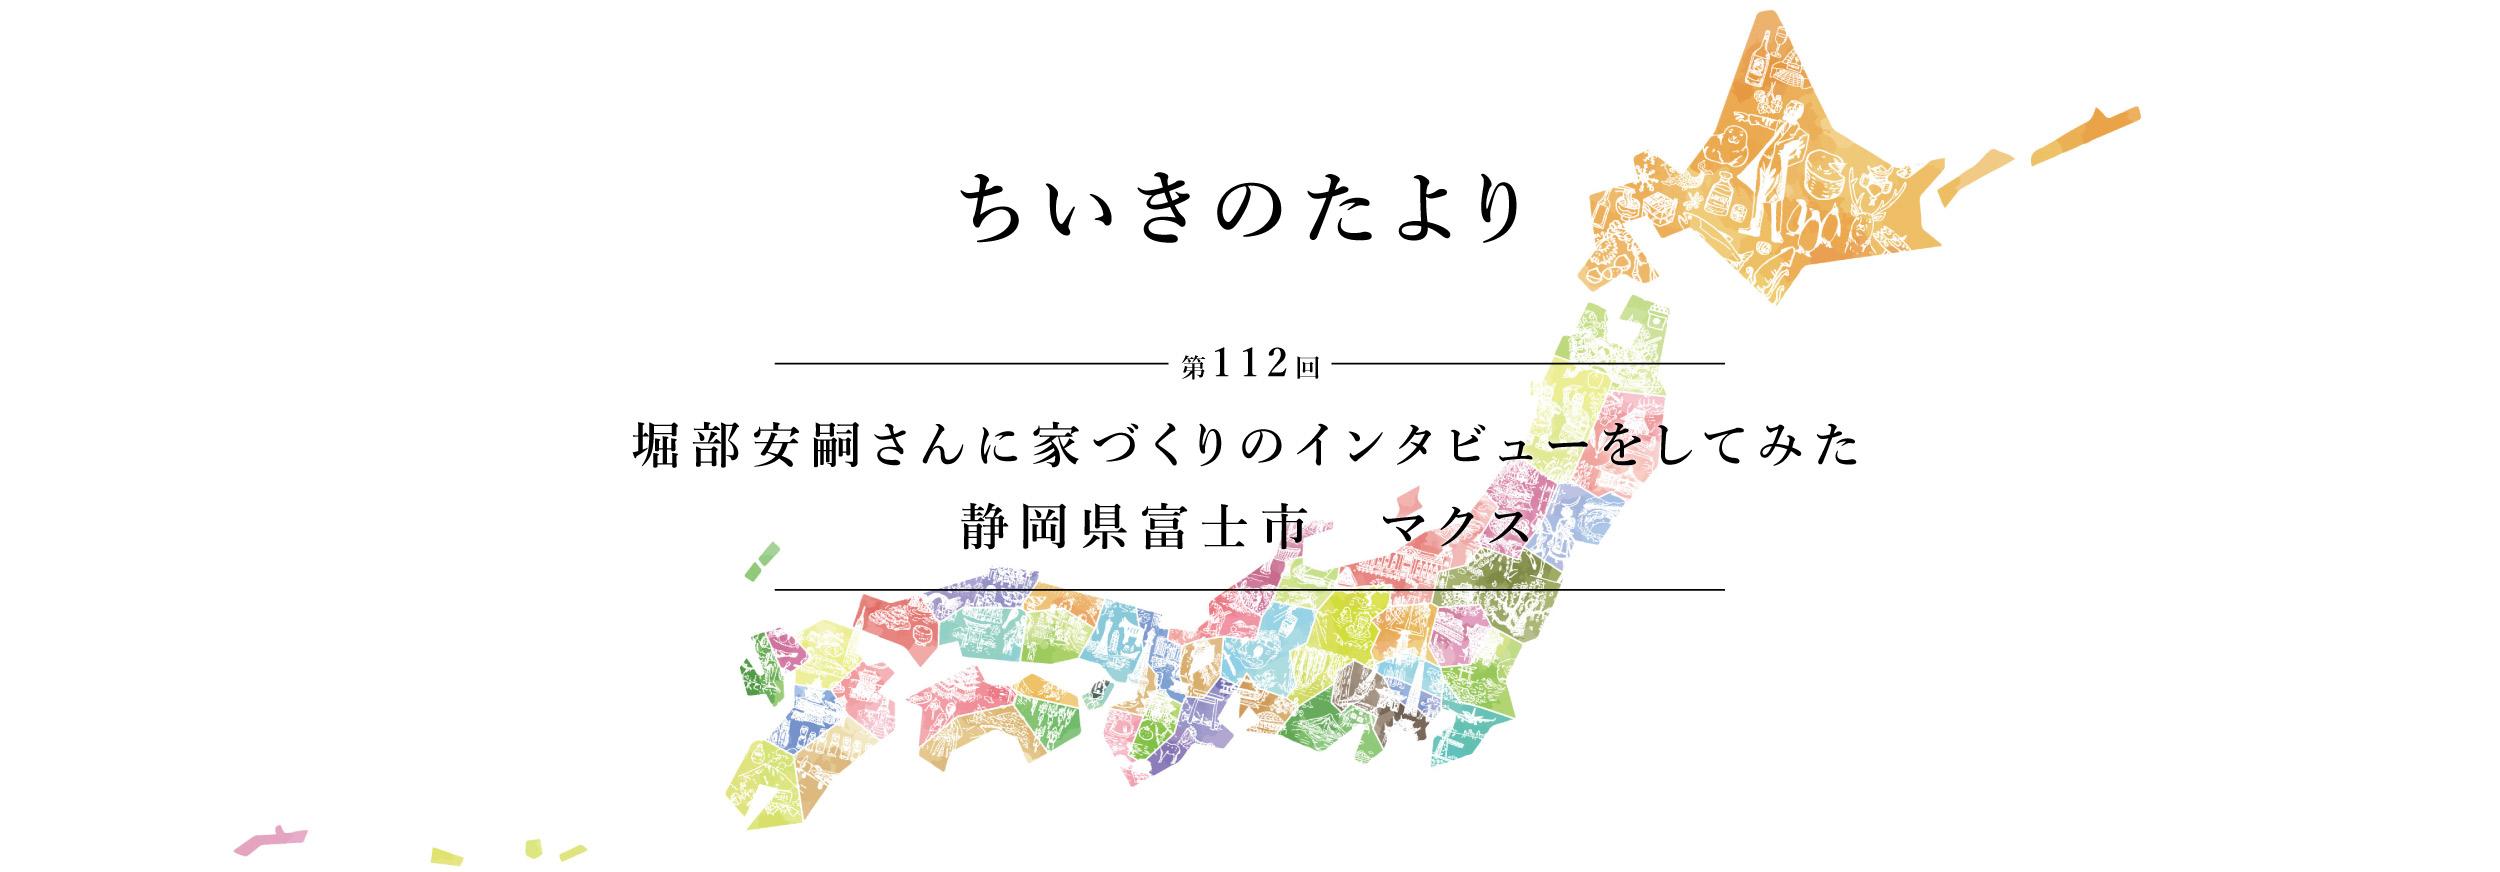 ちいきのたより第112回堀部安嗣さんに家づくりのインタビューをしてみた静岡県富士市マクス